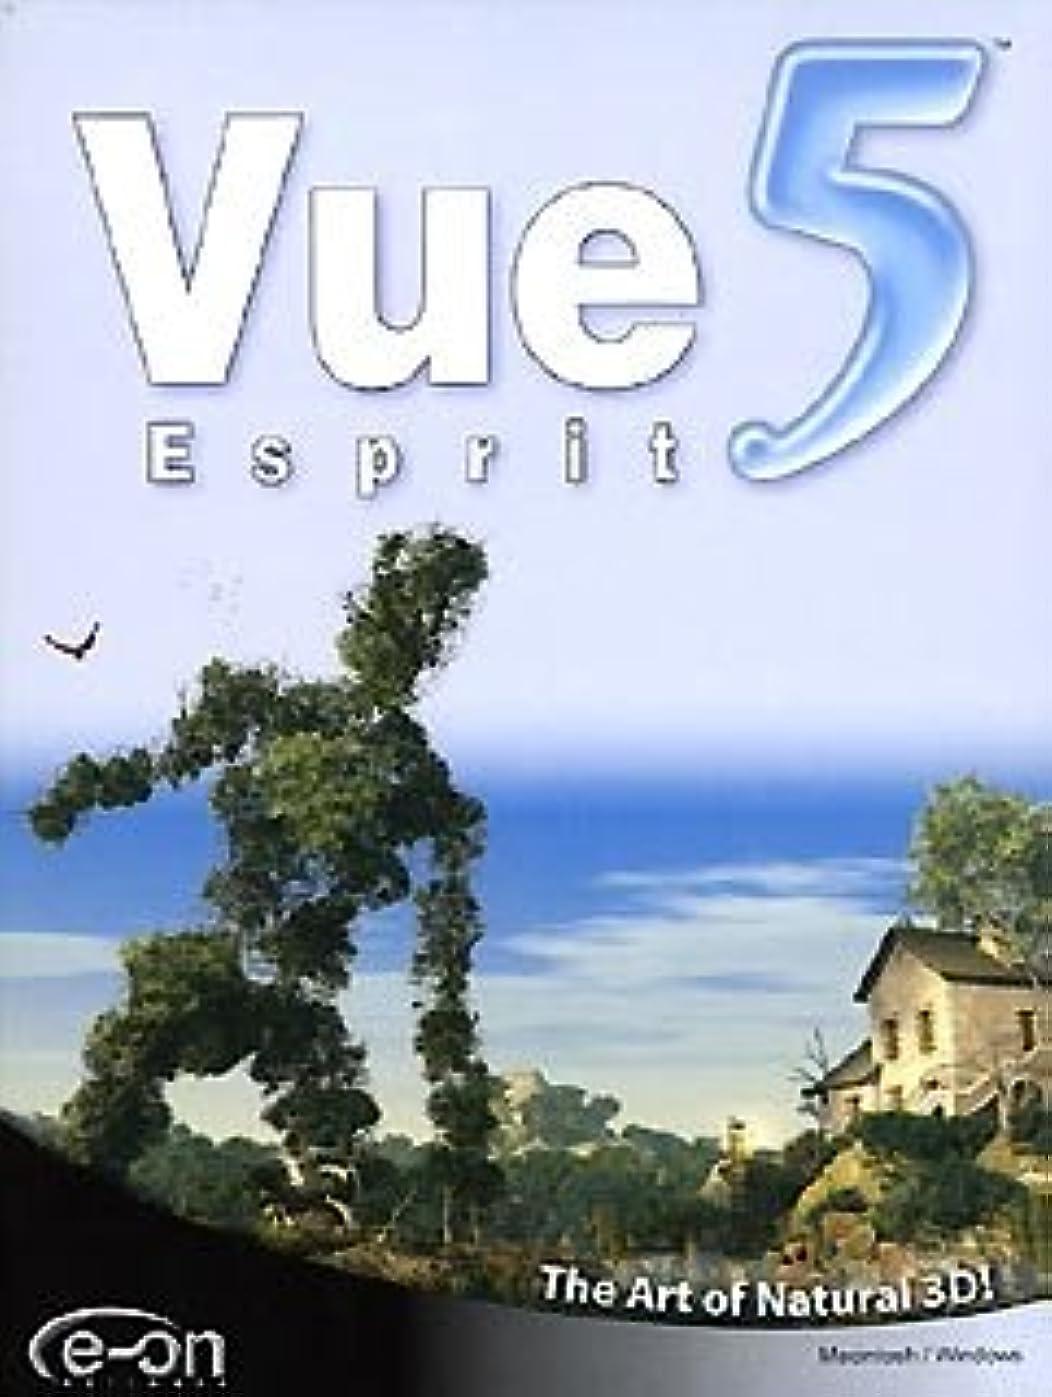 明らか小数差別Vue 5 Epsrit(日本語版)